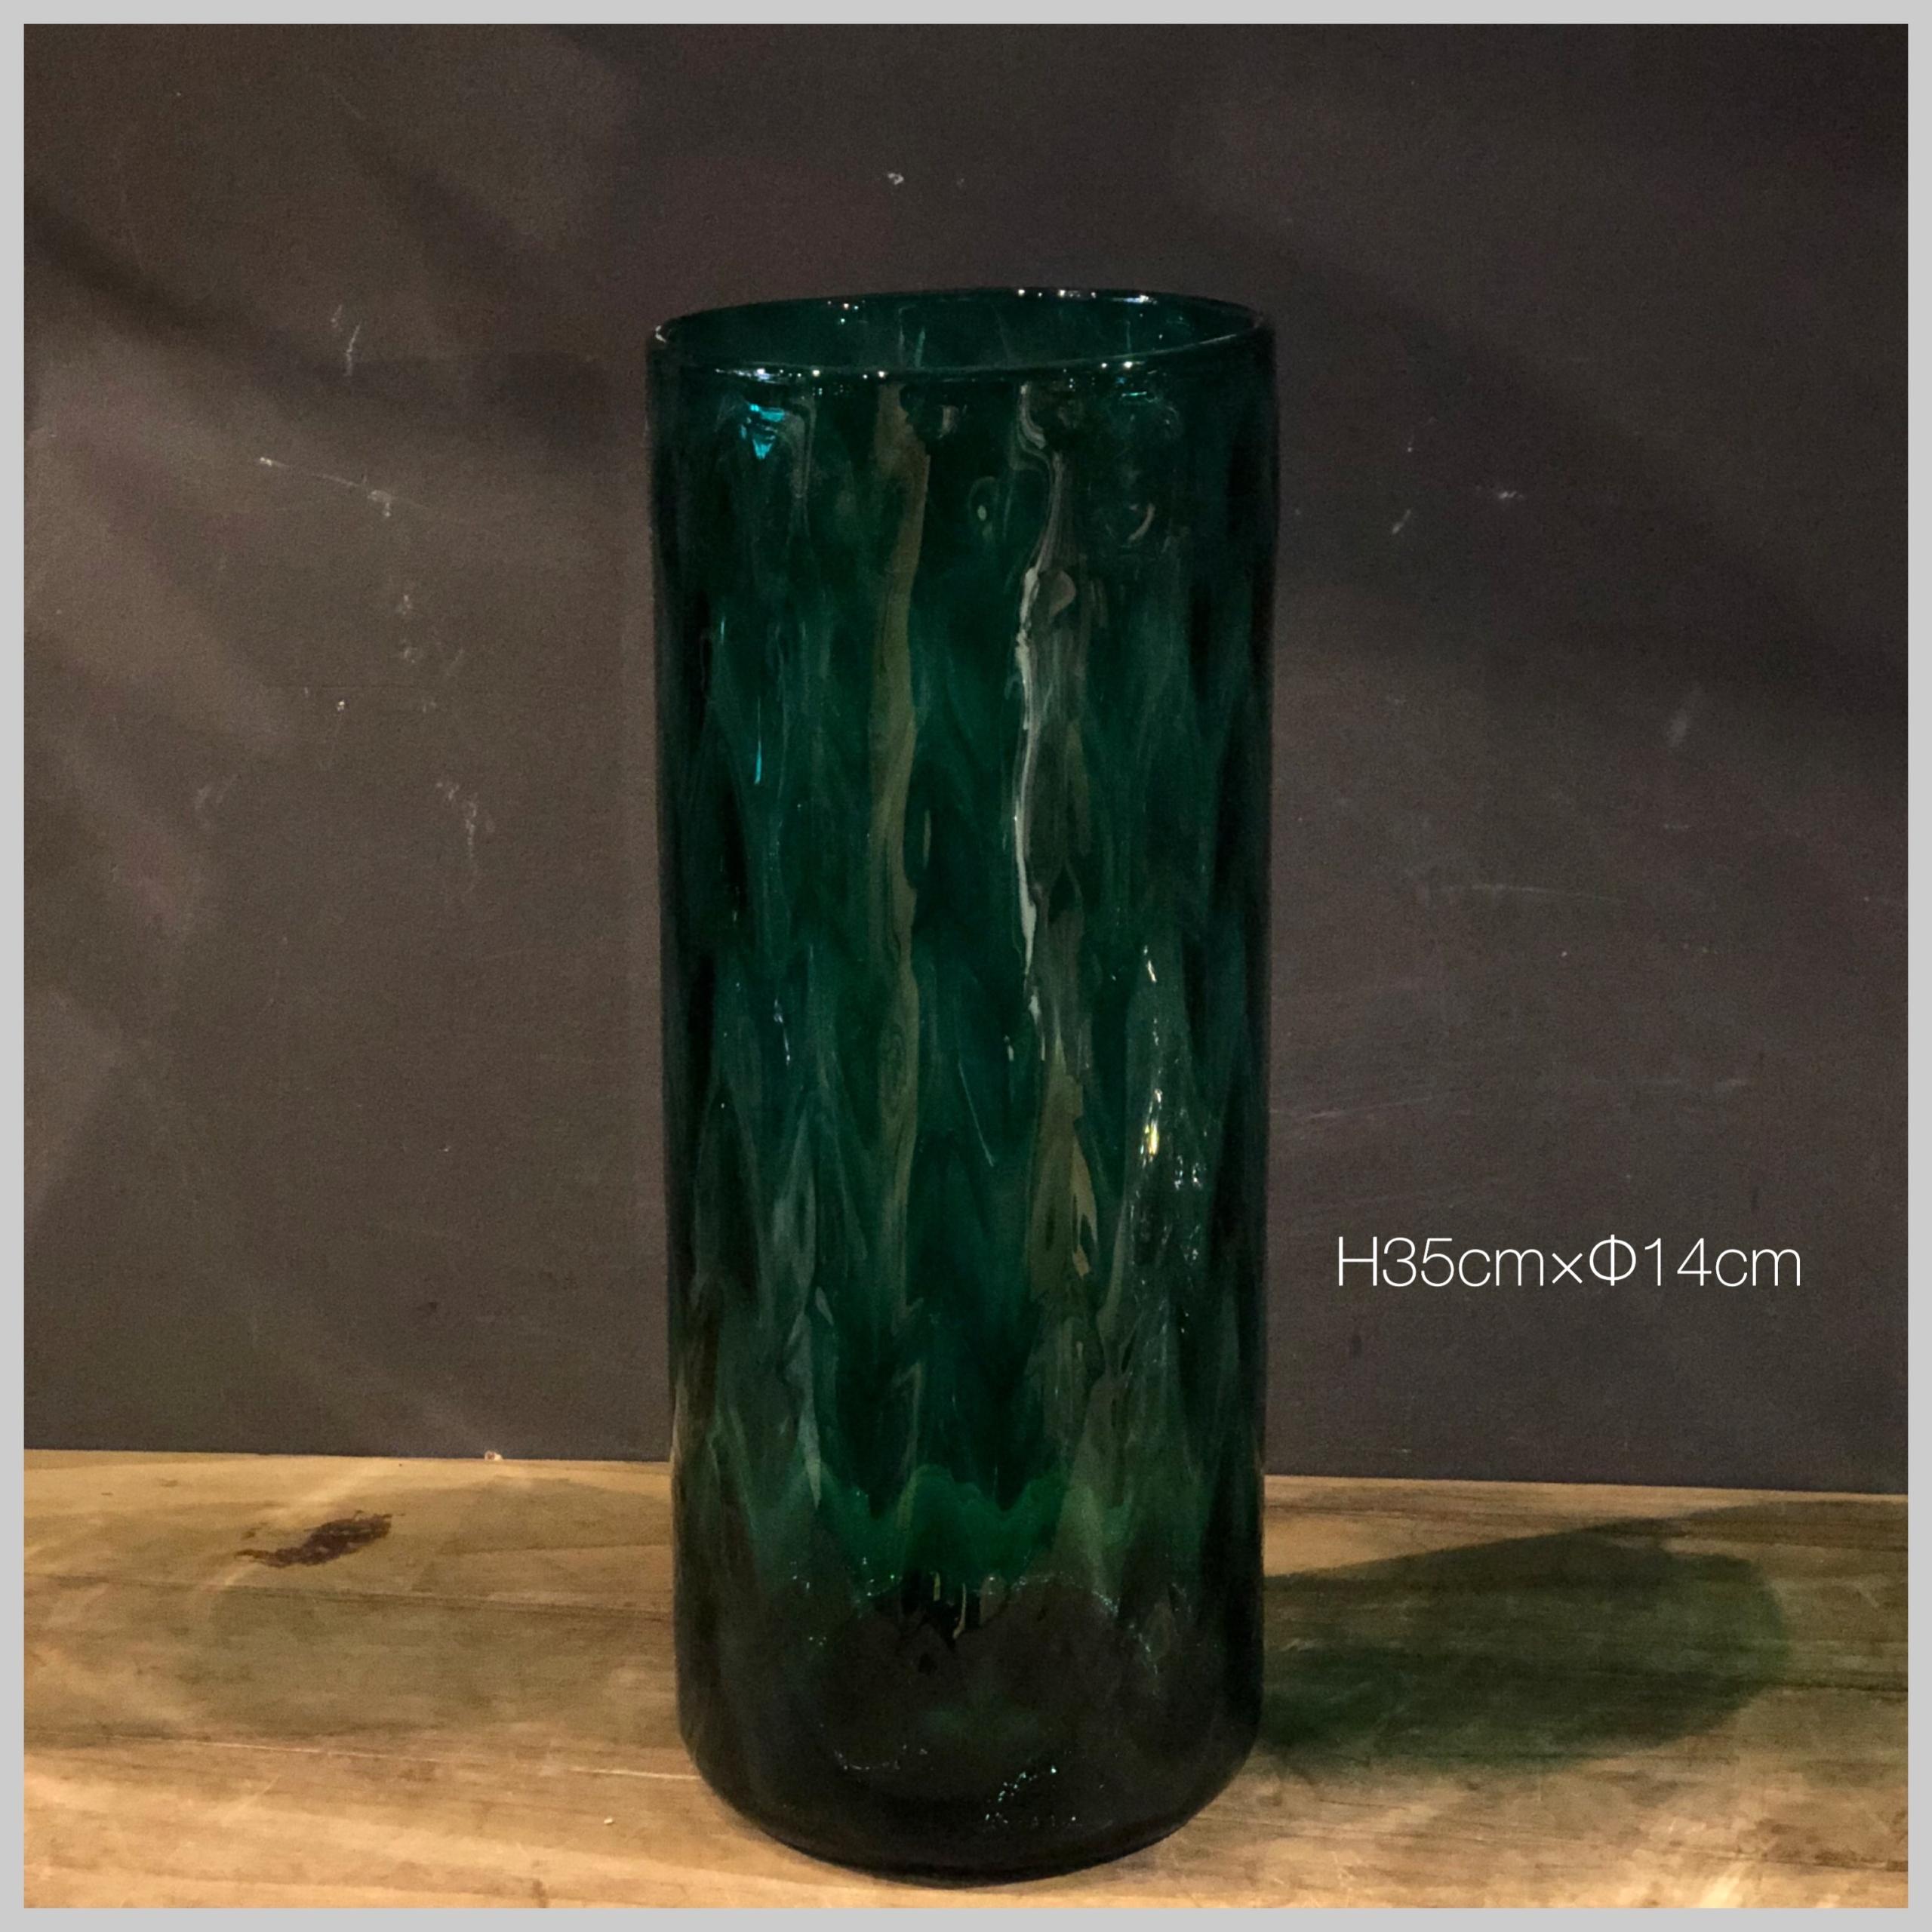 vase0003-round-green